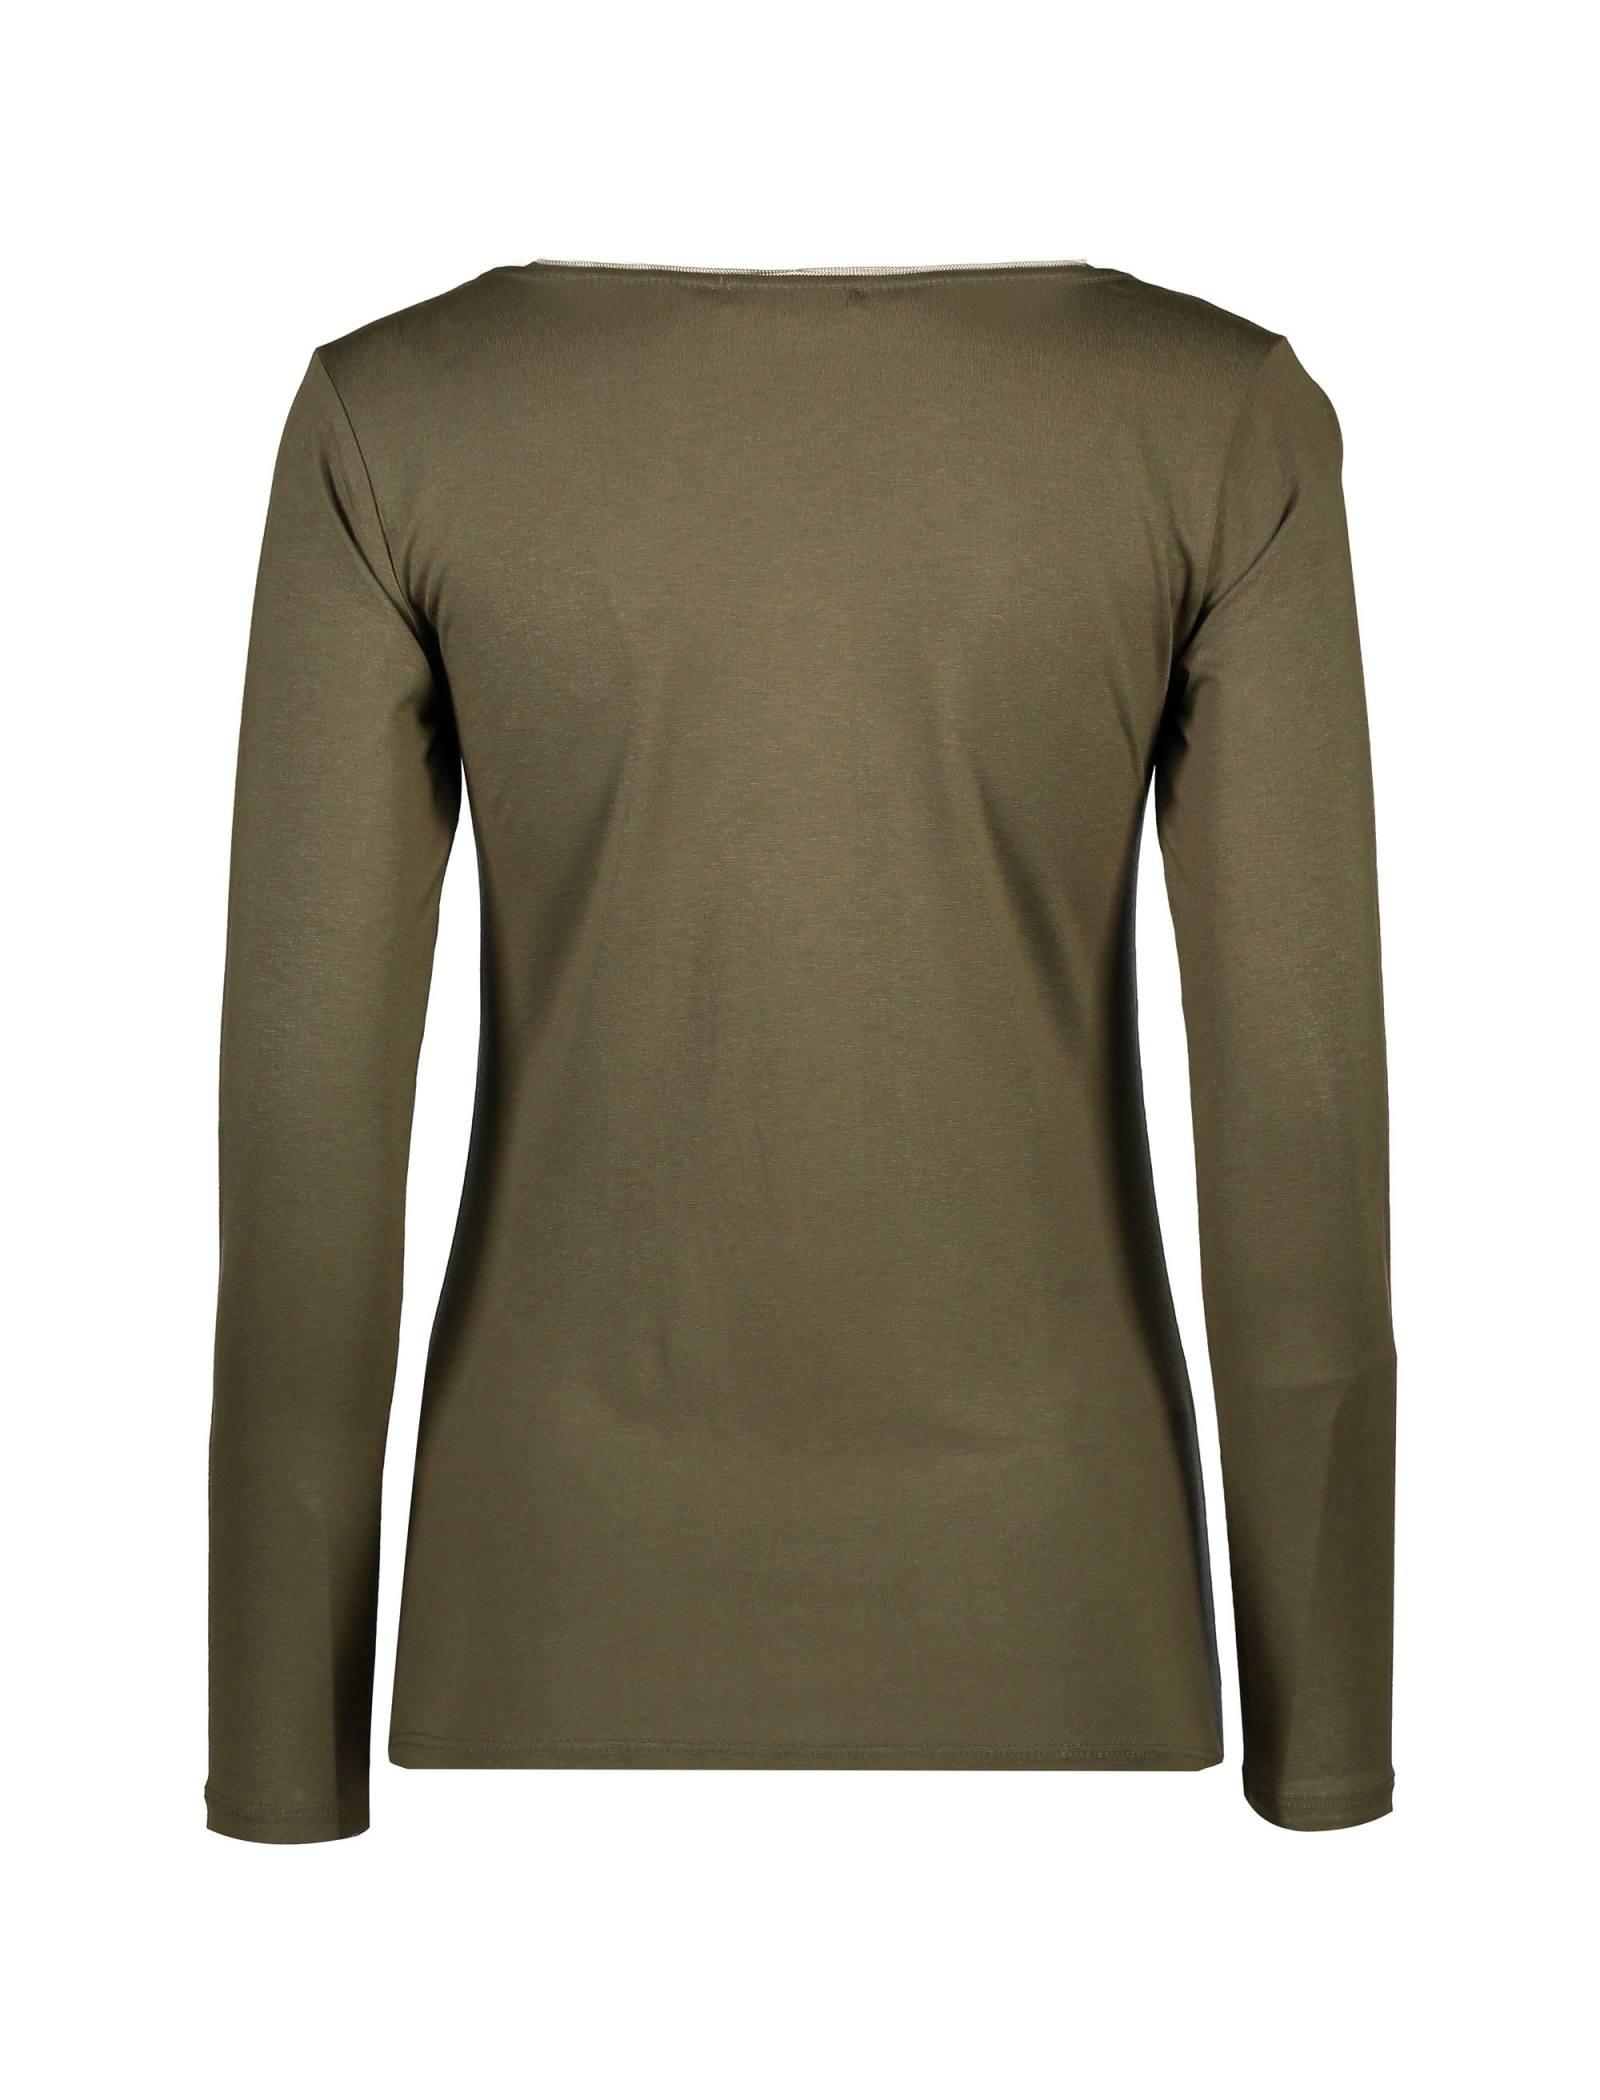 تی شرت ویسکوز آستین بلند زنانه - کوتون - خاکي - 2